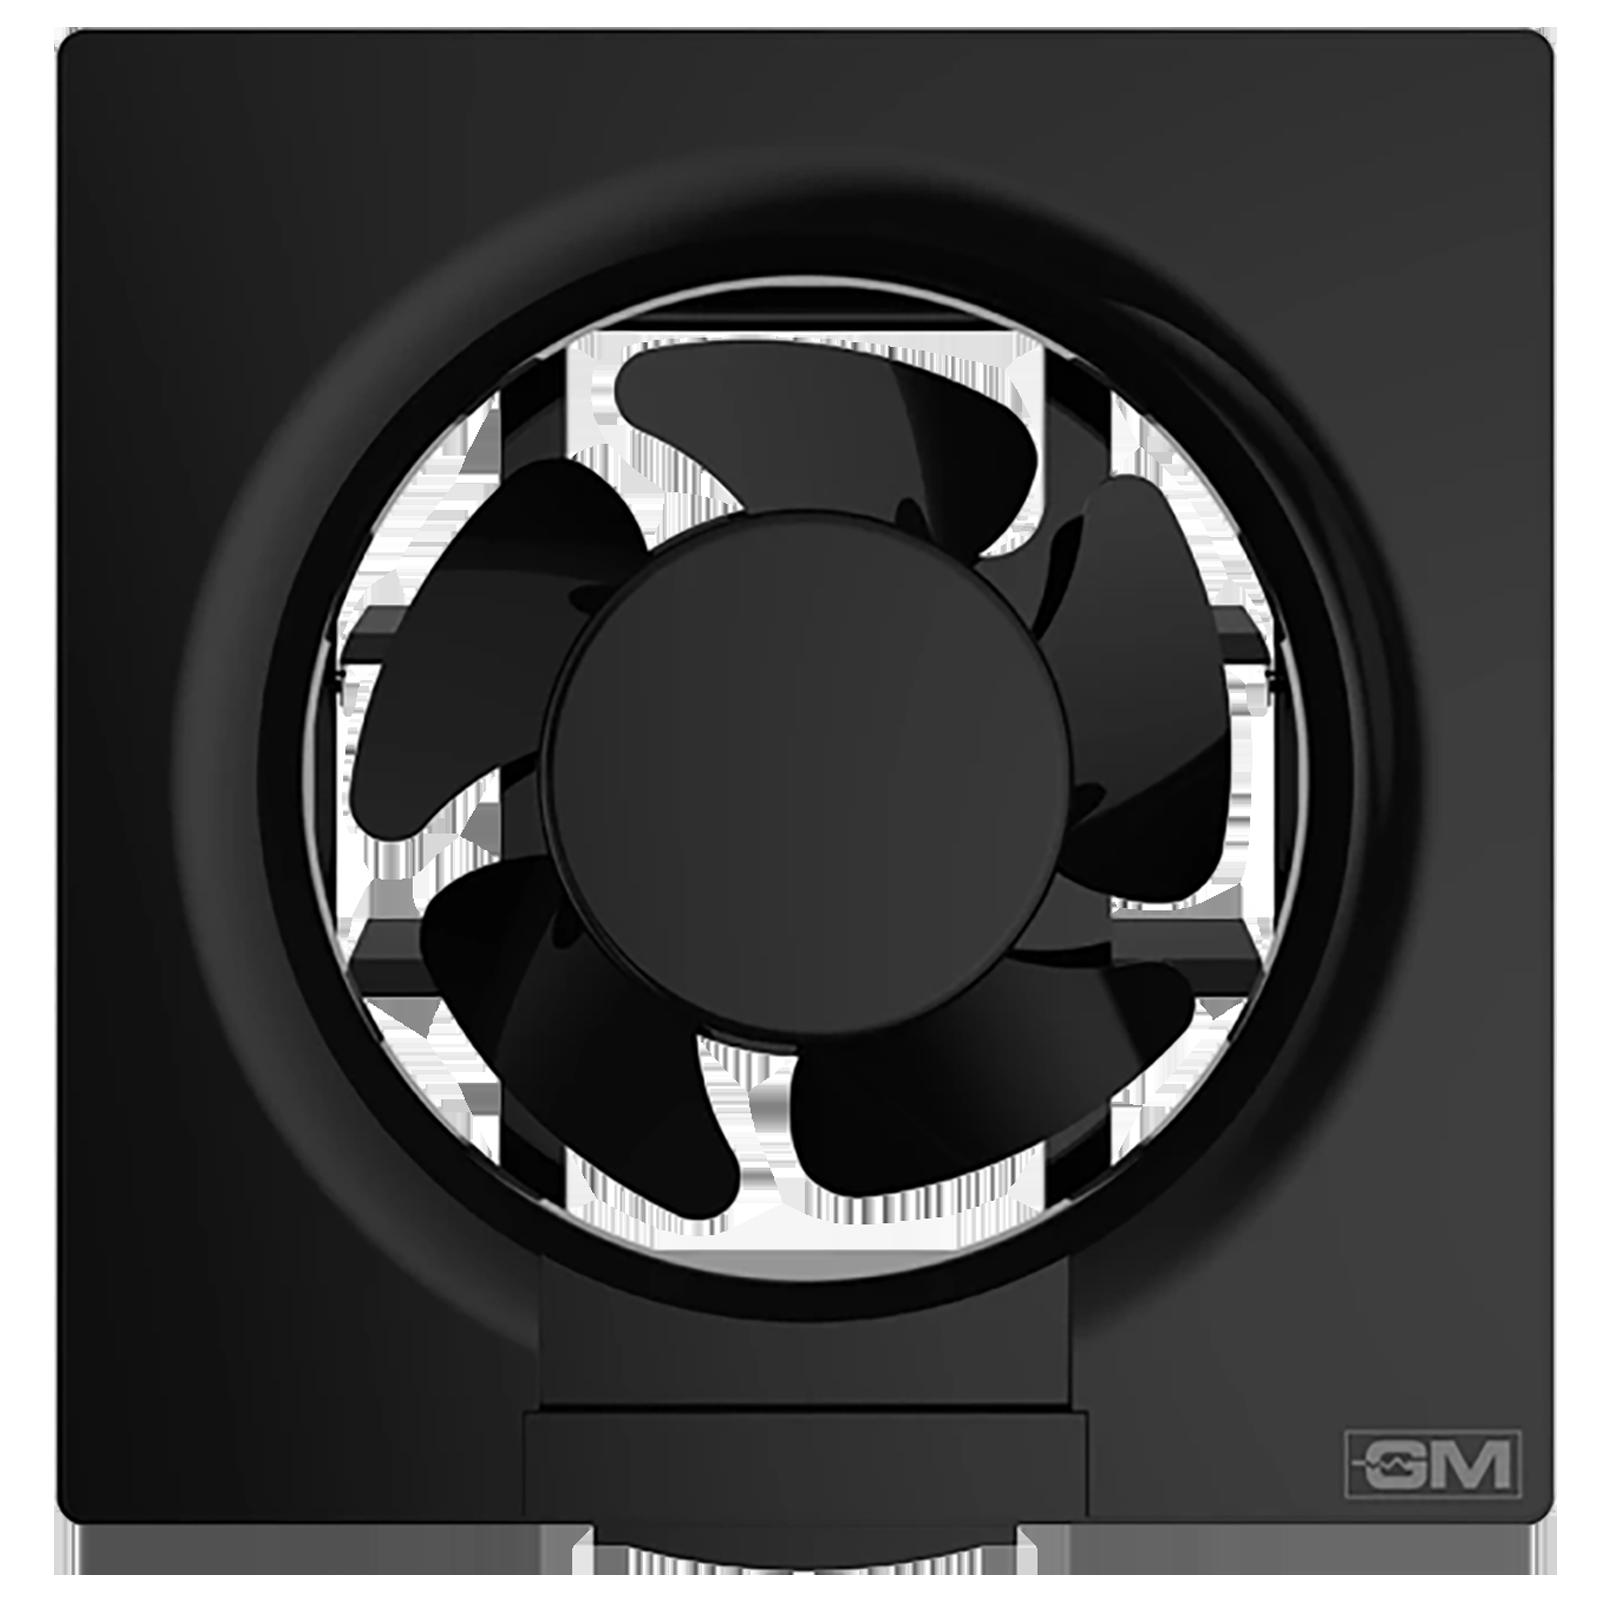 GM Eco Air 15 cm Sweep Exhaust Fan (Noiseless Fan, VFB060014BKGL, Black)_1